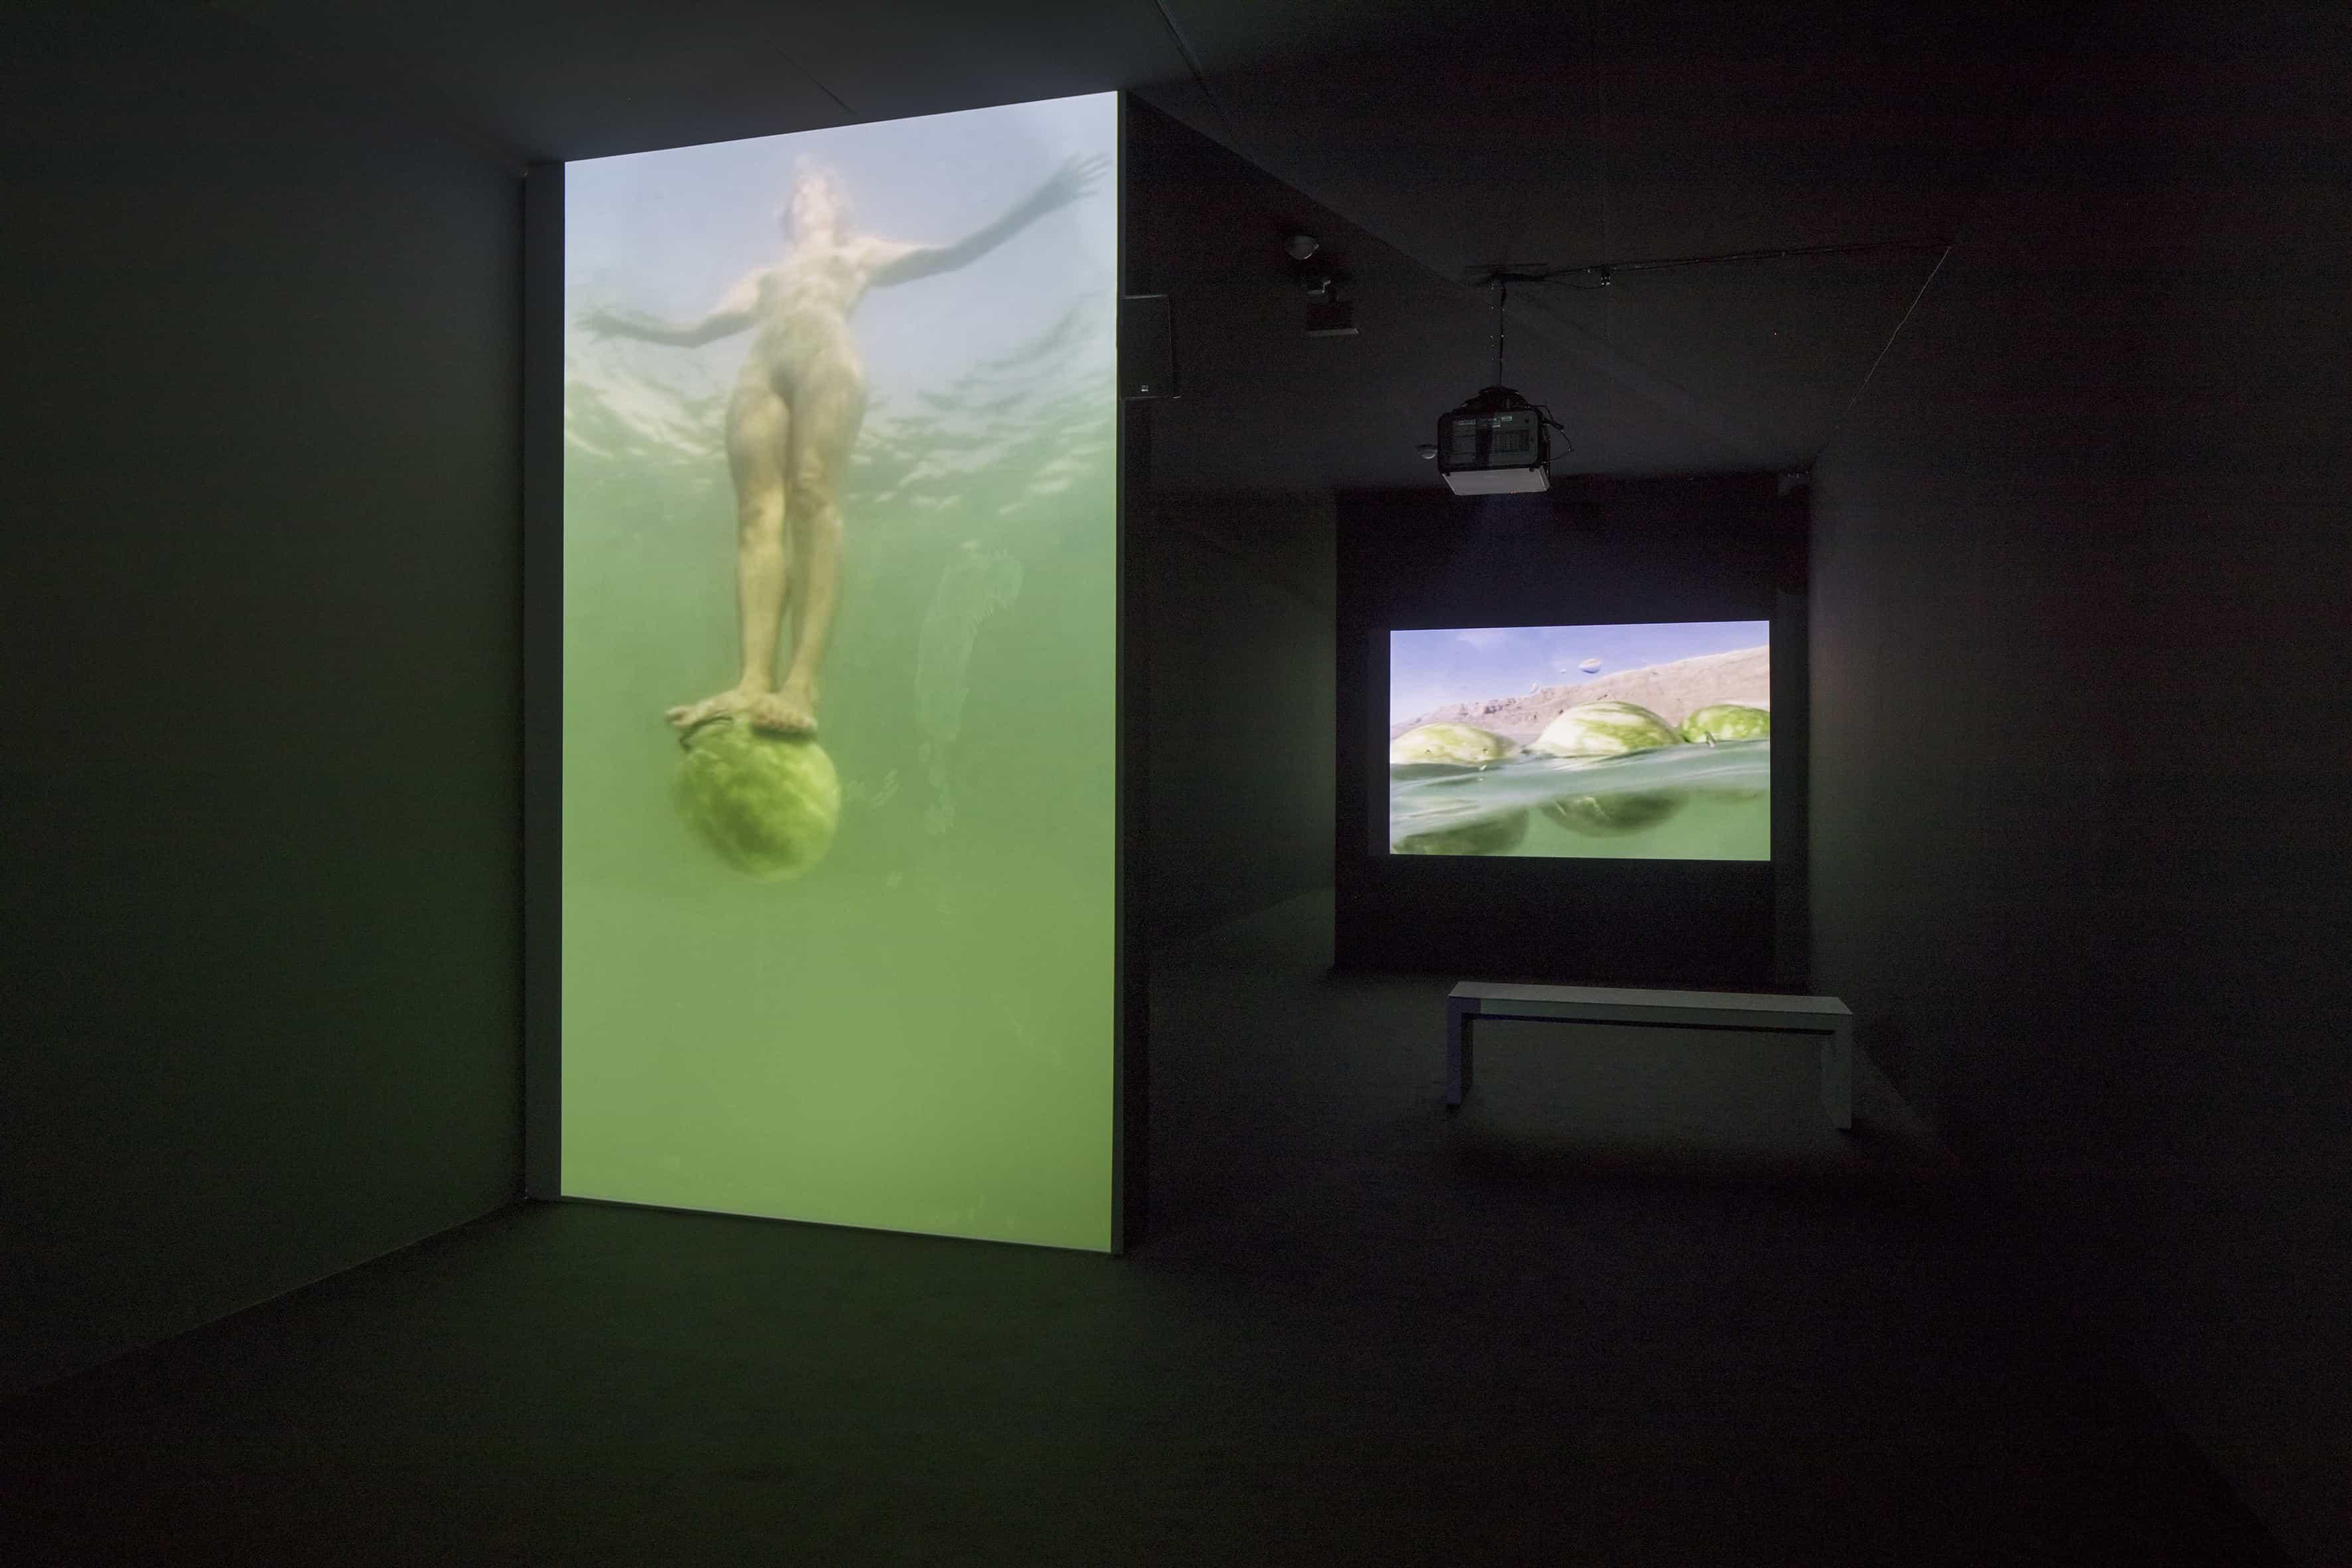 Sigalit Landau Standing on a Watermelon in the Dead Sea, 2005 (Auf einer Wassermelone im Toten Meer stehen), Filmstill Under the Dead Sea, 2005 (Unter dem Toten Meer), Filmstill